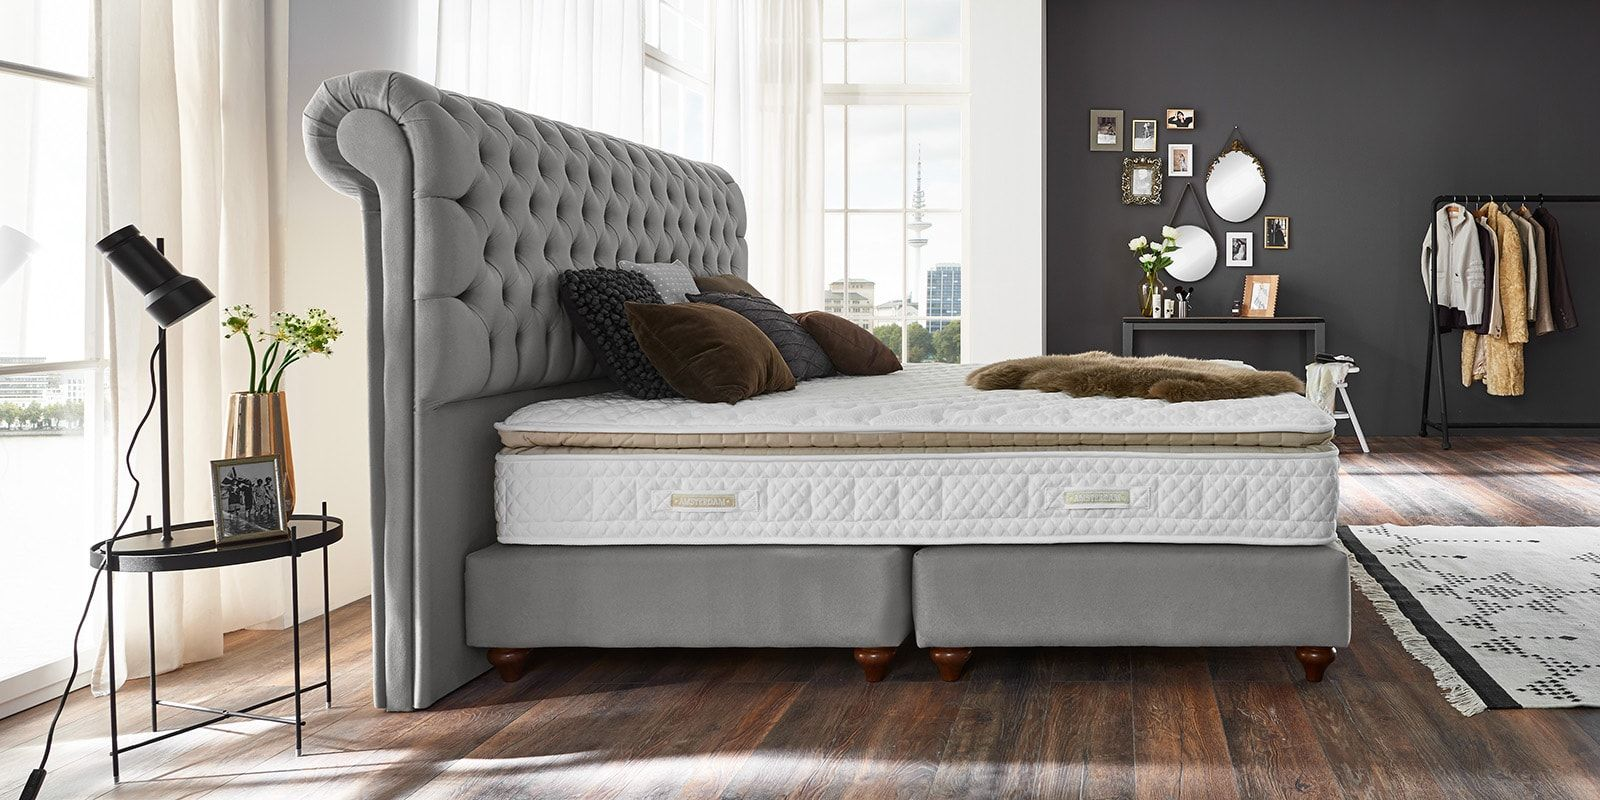 Full Size of Barock Bett 180x200 Modern Design Mit Bettkasten Betten Günstig Kaufen Schrank Hasena 1 40 200x200 Komforthöhe 90x200 Hülsta Ausklappbares Massivholz Wohnzimmer Barock Bett 180x200